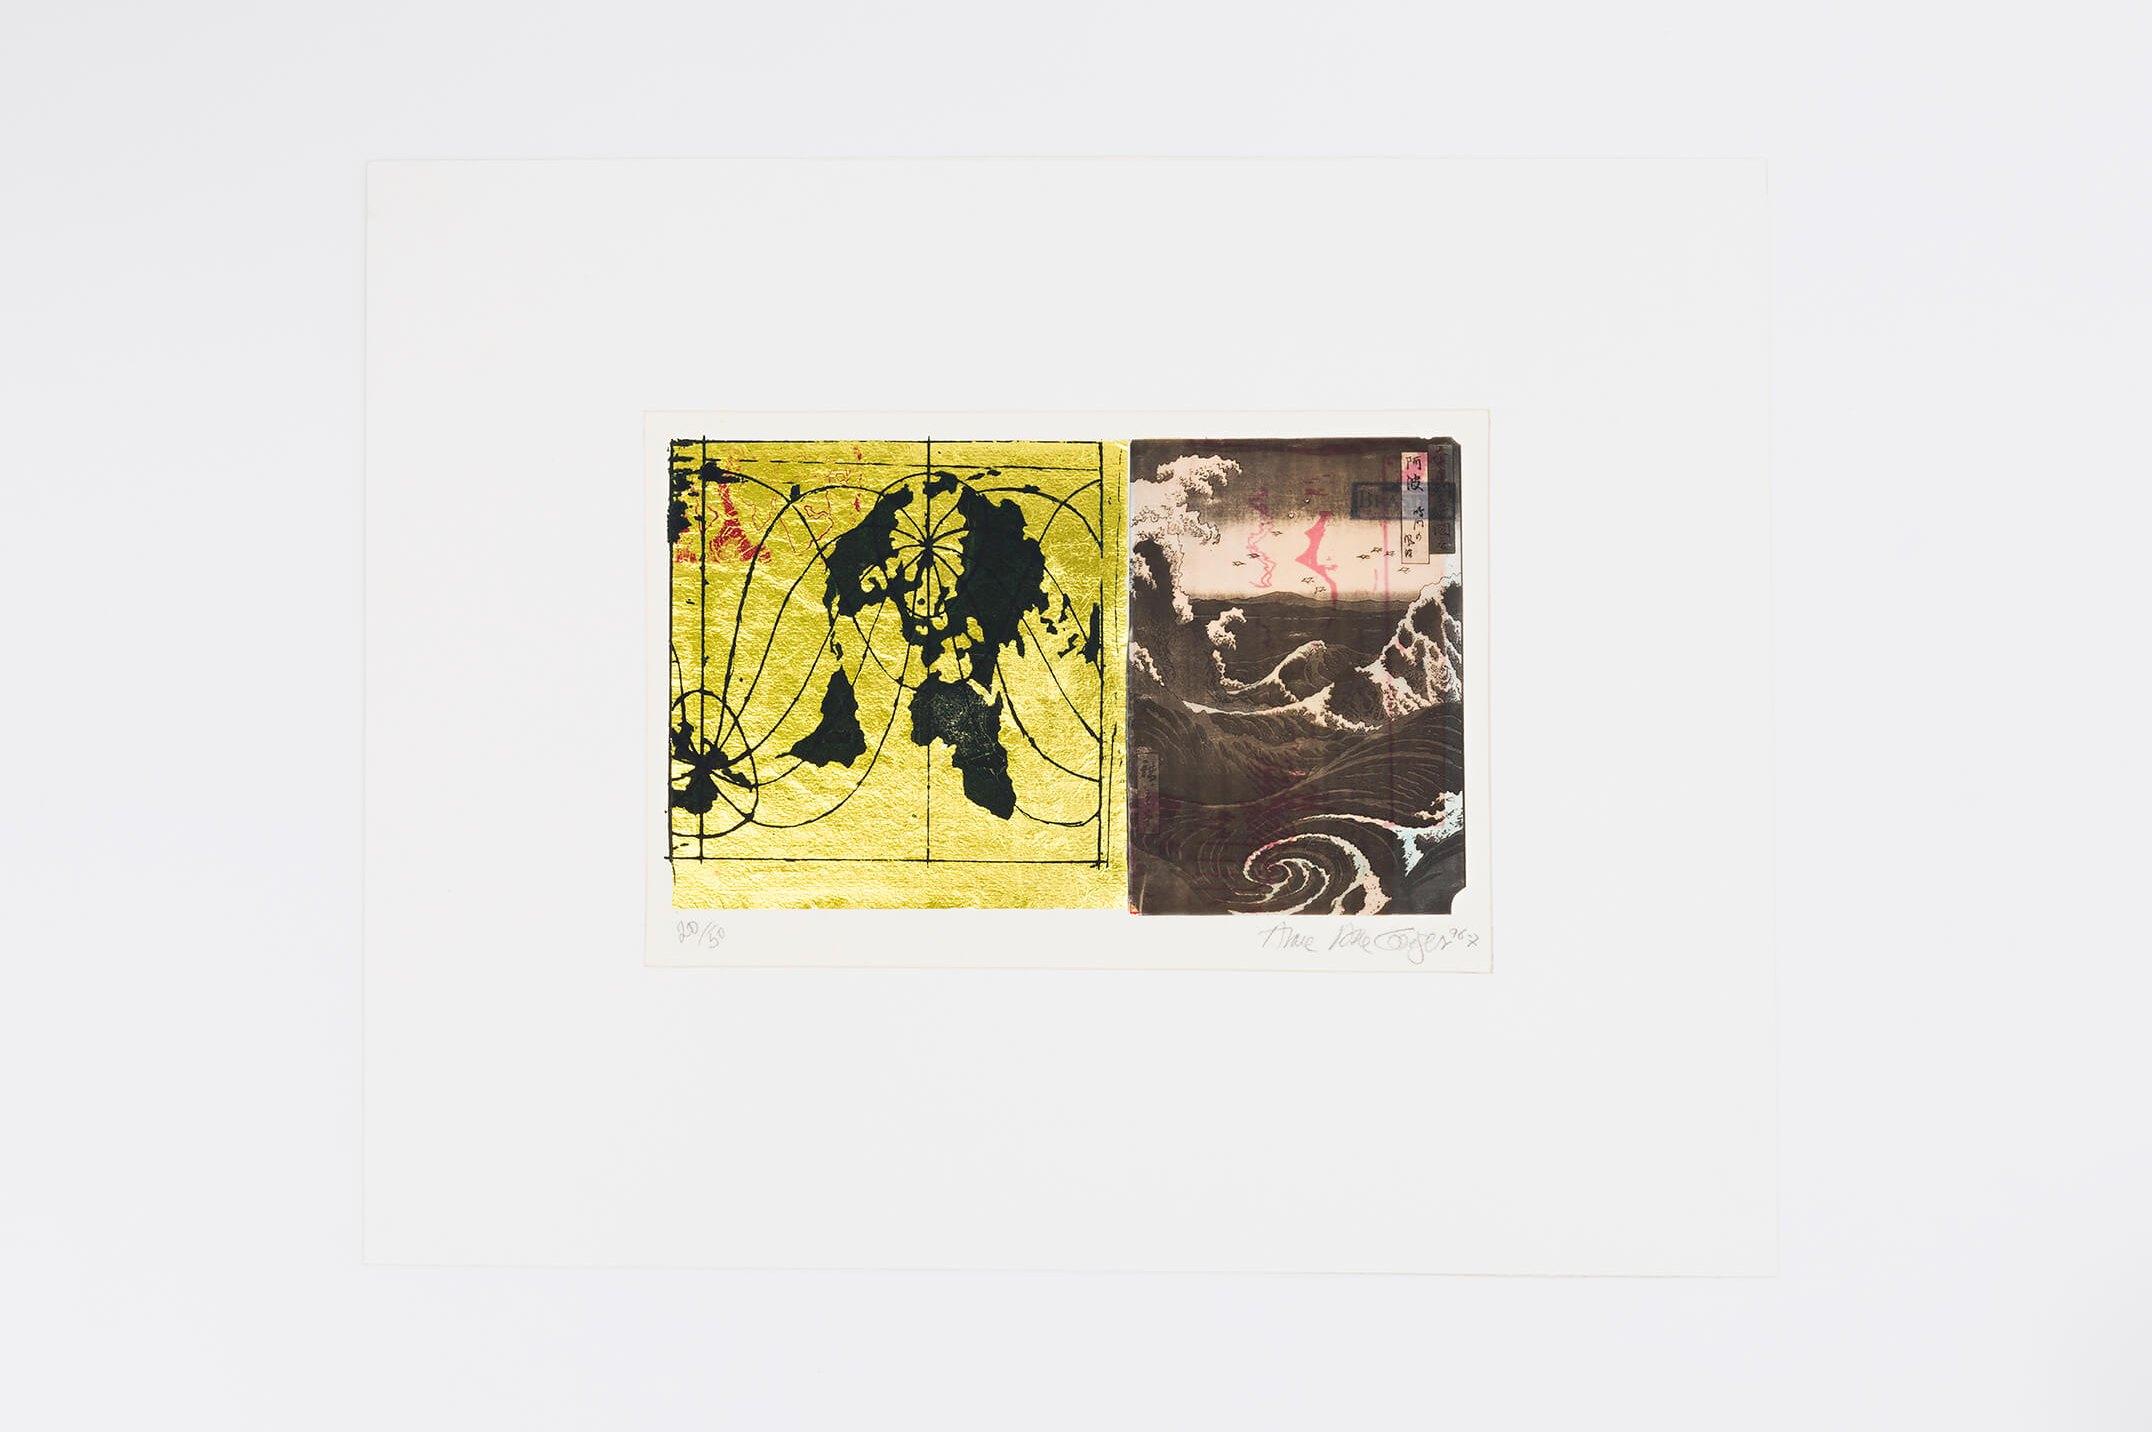 Anna Bella Geiger,<em>... com Hiroshigue para os mares e águas, from Local da ação series</em>, 1996, photoengraving on metal and collage,25 ×36 cm - Mendes Wood DM